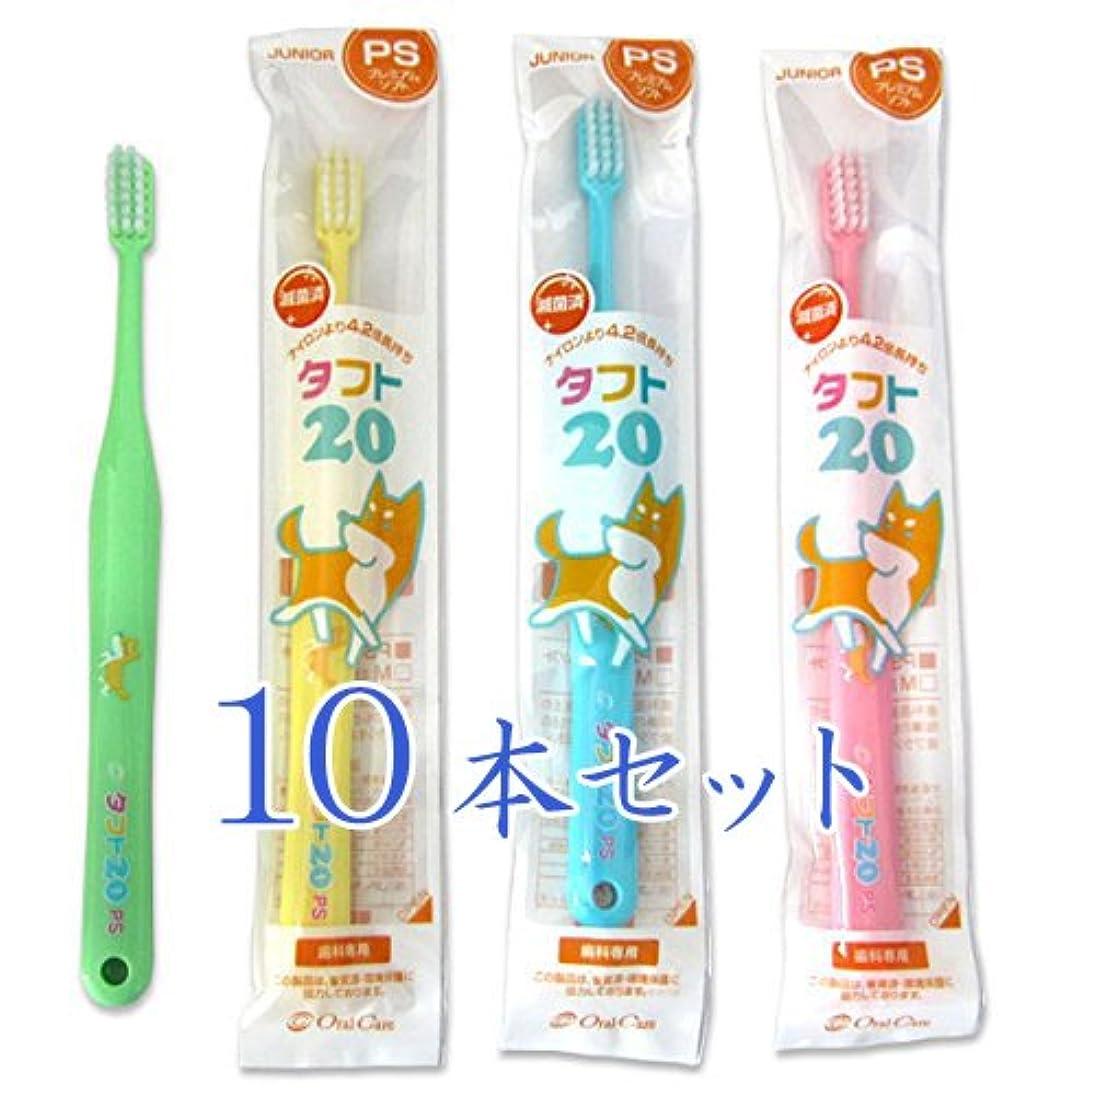 ドーム国民投票ポールタフト20 PS プレミアムソフト 歯ブラシ混合歯列期用(6~12歳)×10本セット